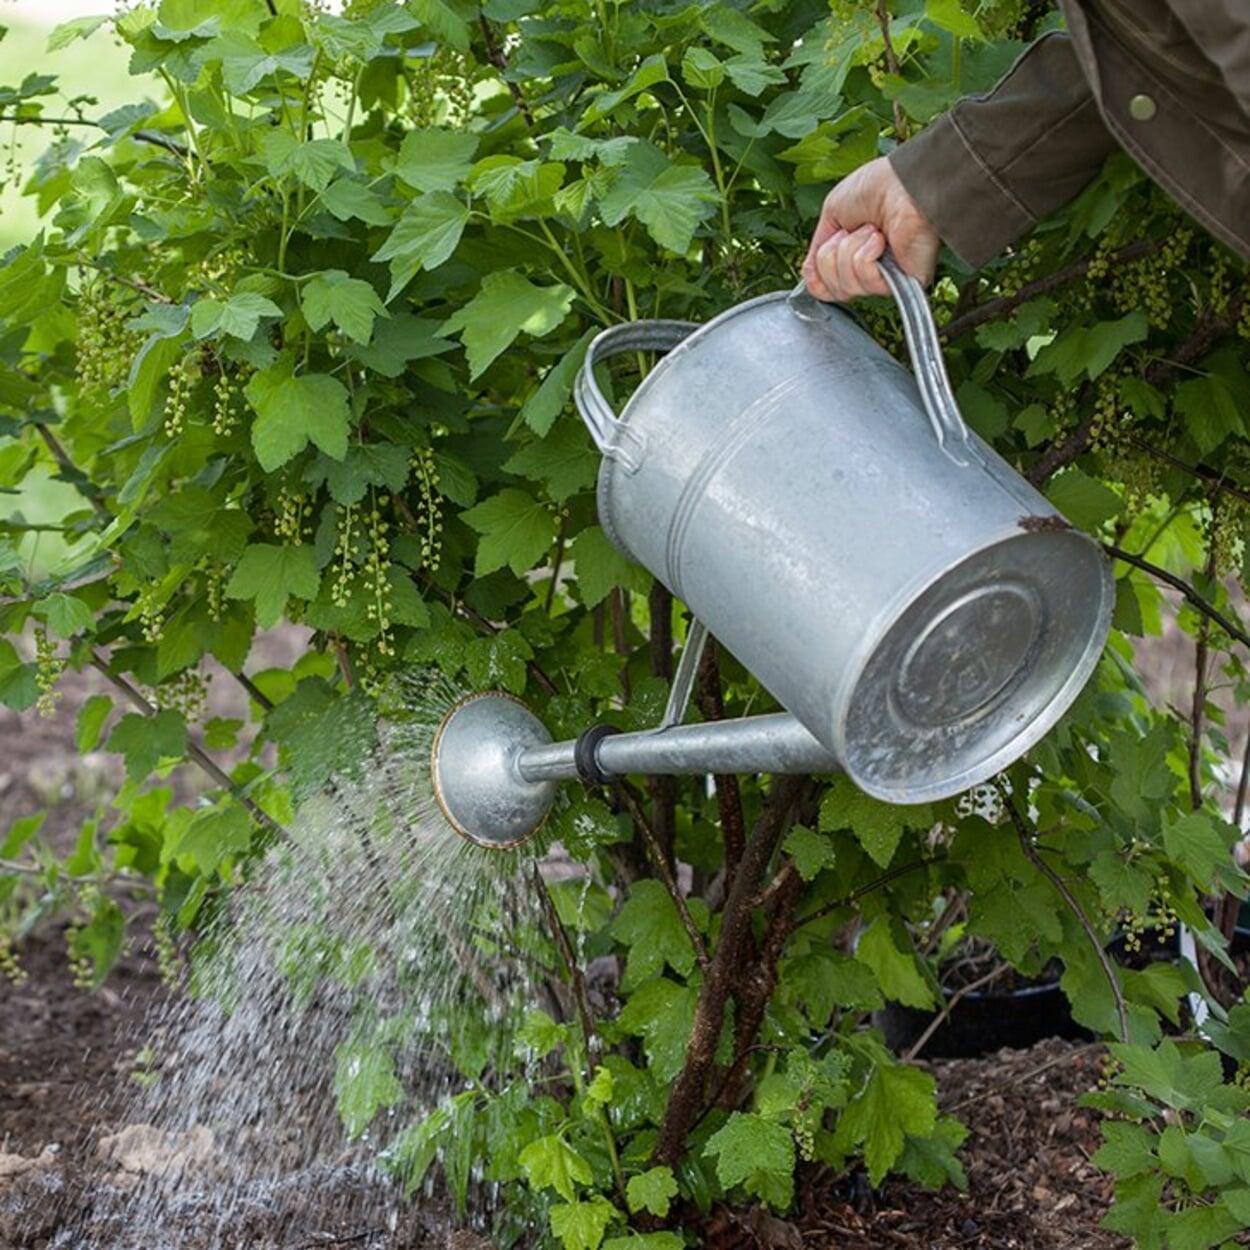 Bei Trockenzeit blühende Sträucher gezielt mit einer Kanne gießen